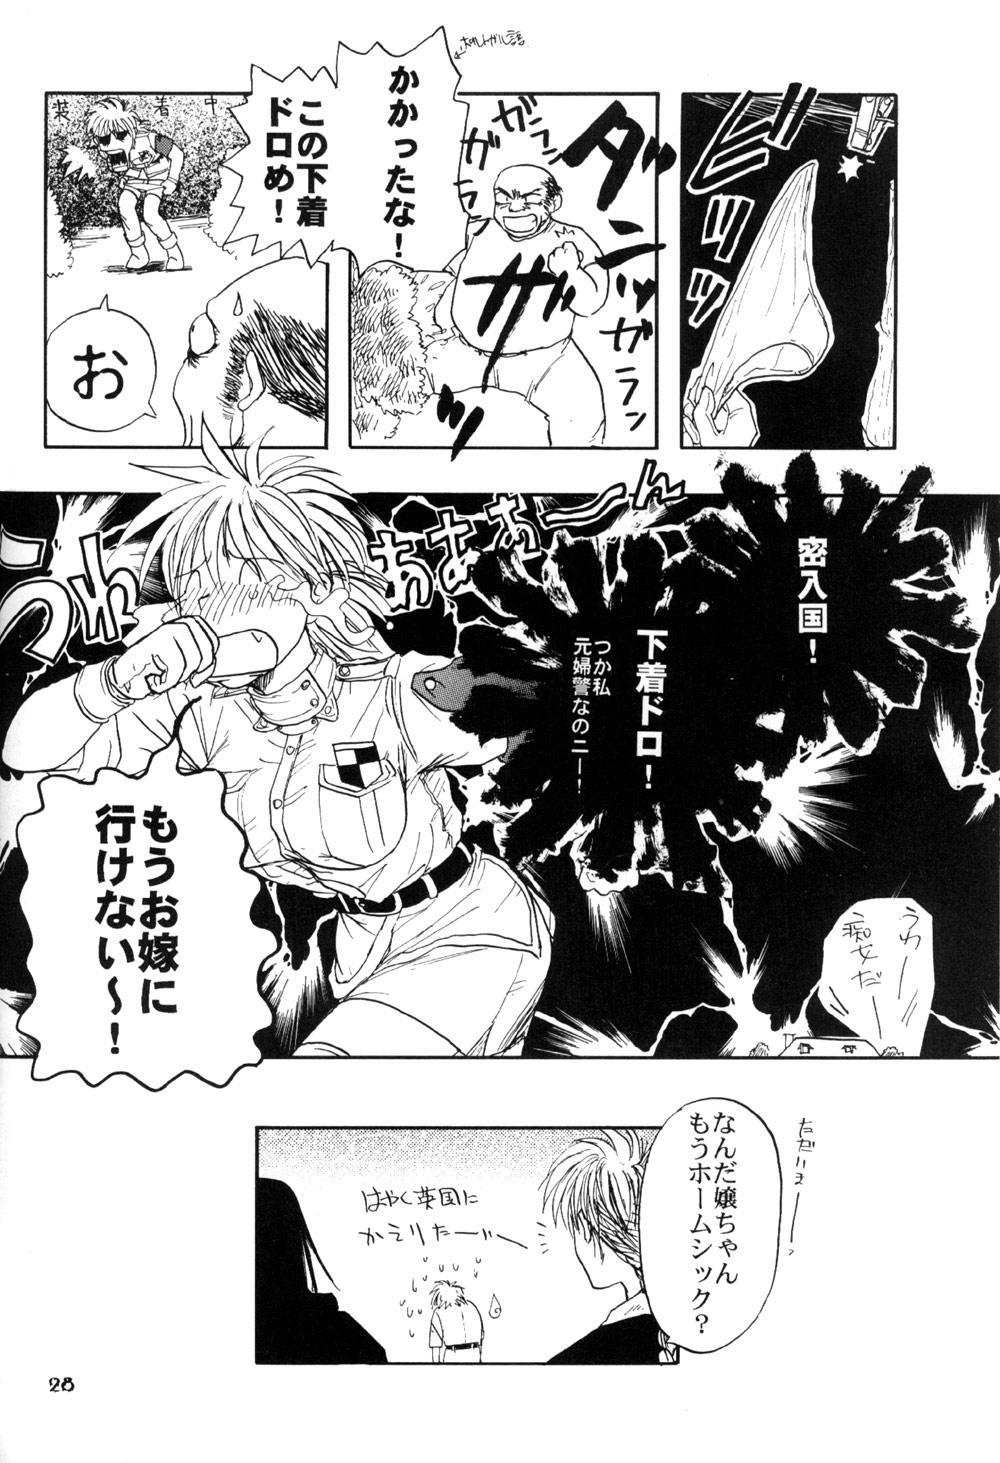 Hitsugi o Tataku Onna 29